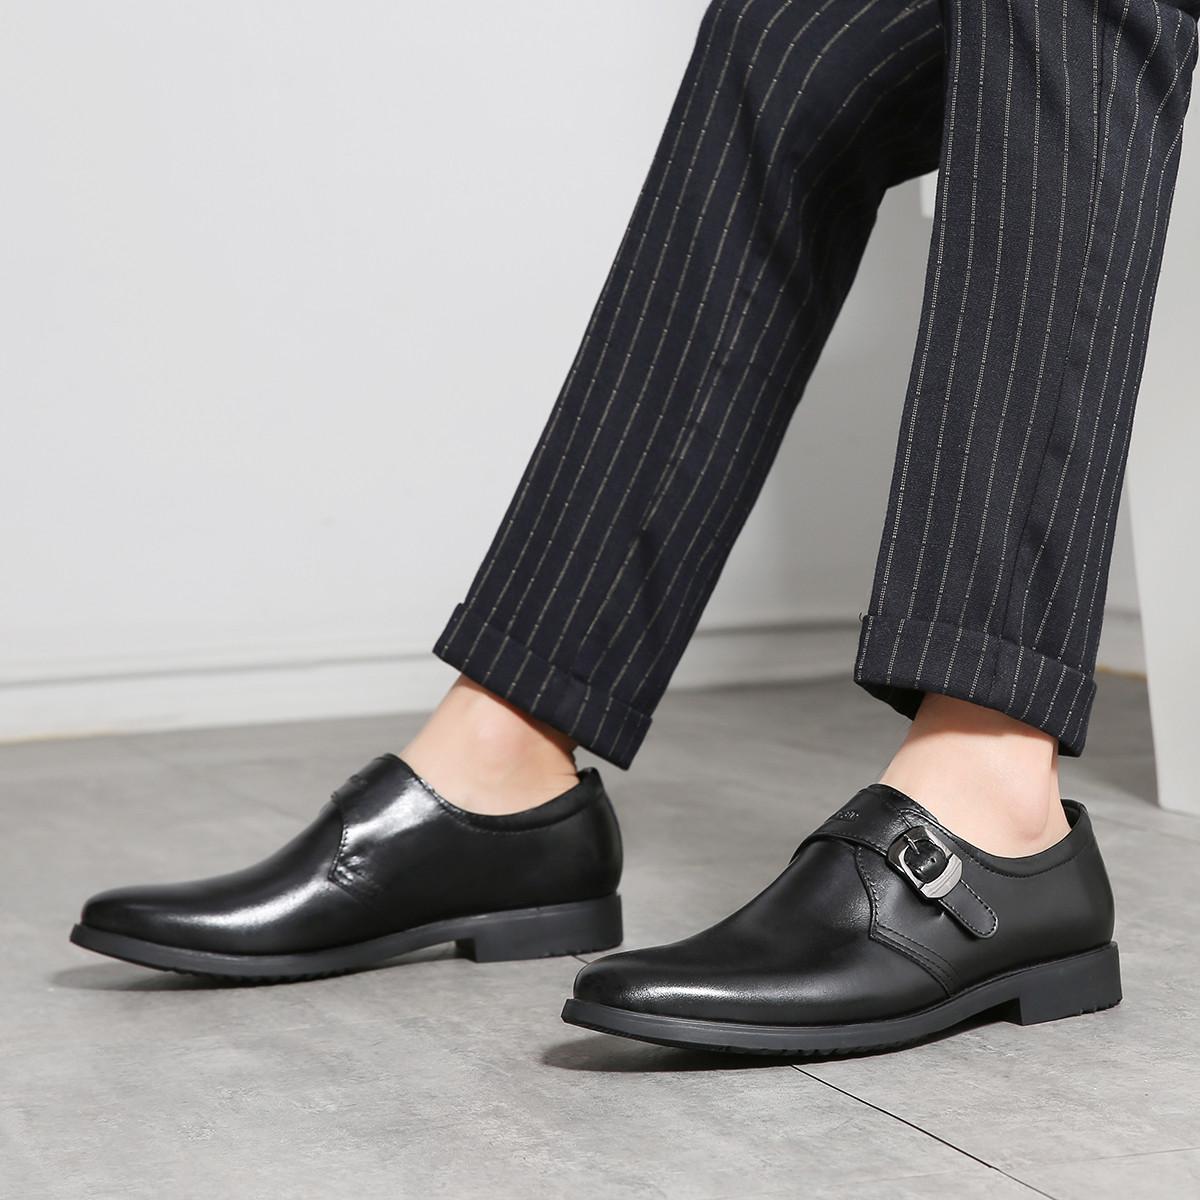 凯撒凯撒2019新品男士皮鞋商务男鞋皮套脚正装男鞋婚礼鞋男153950-71001